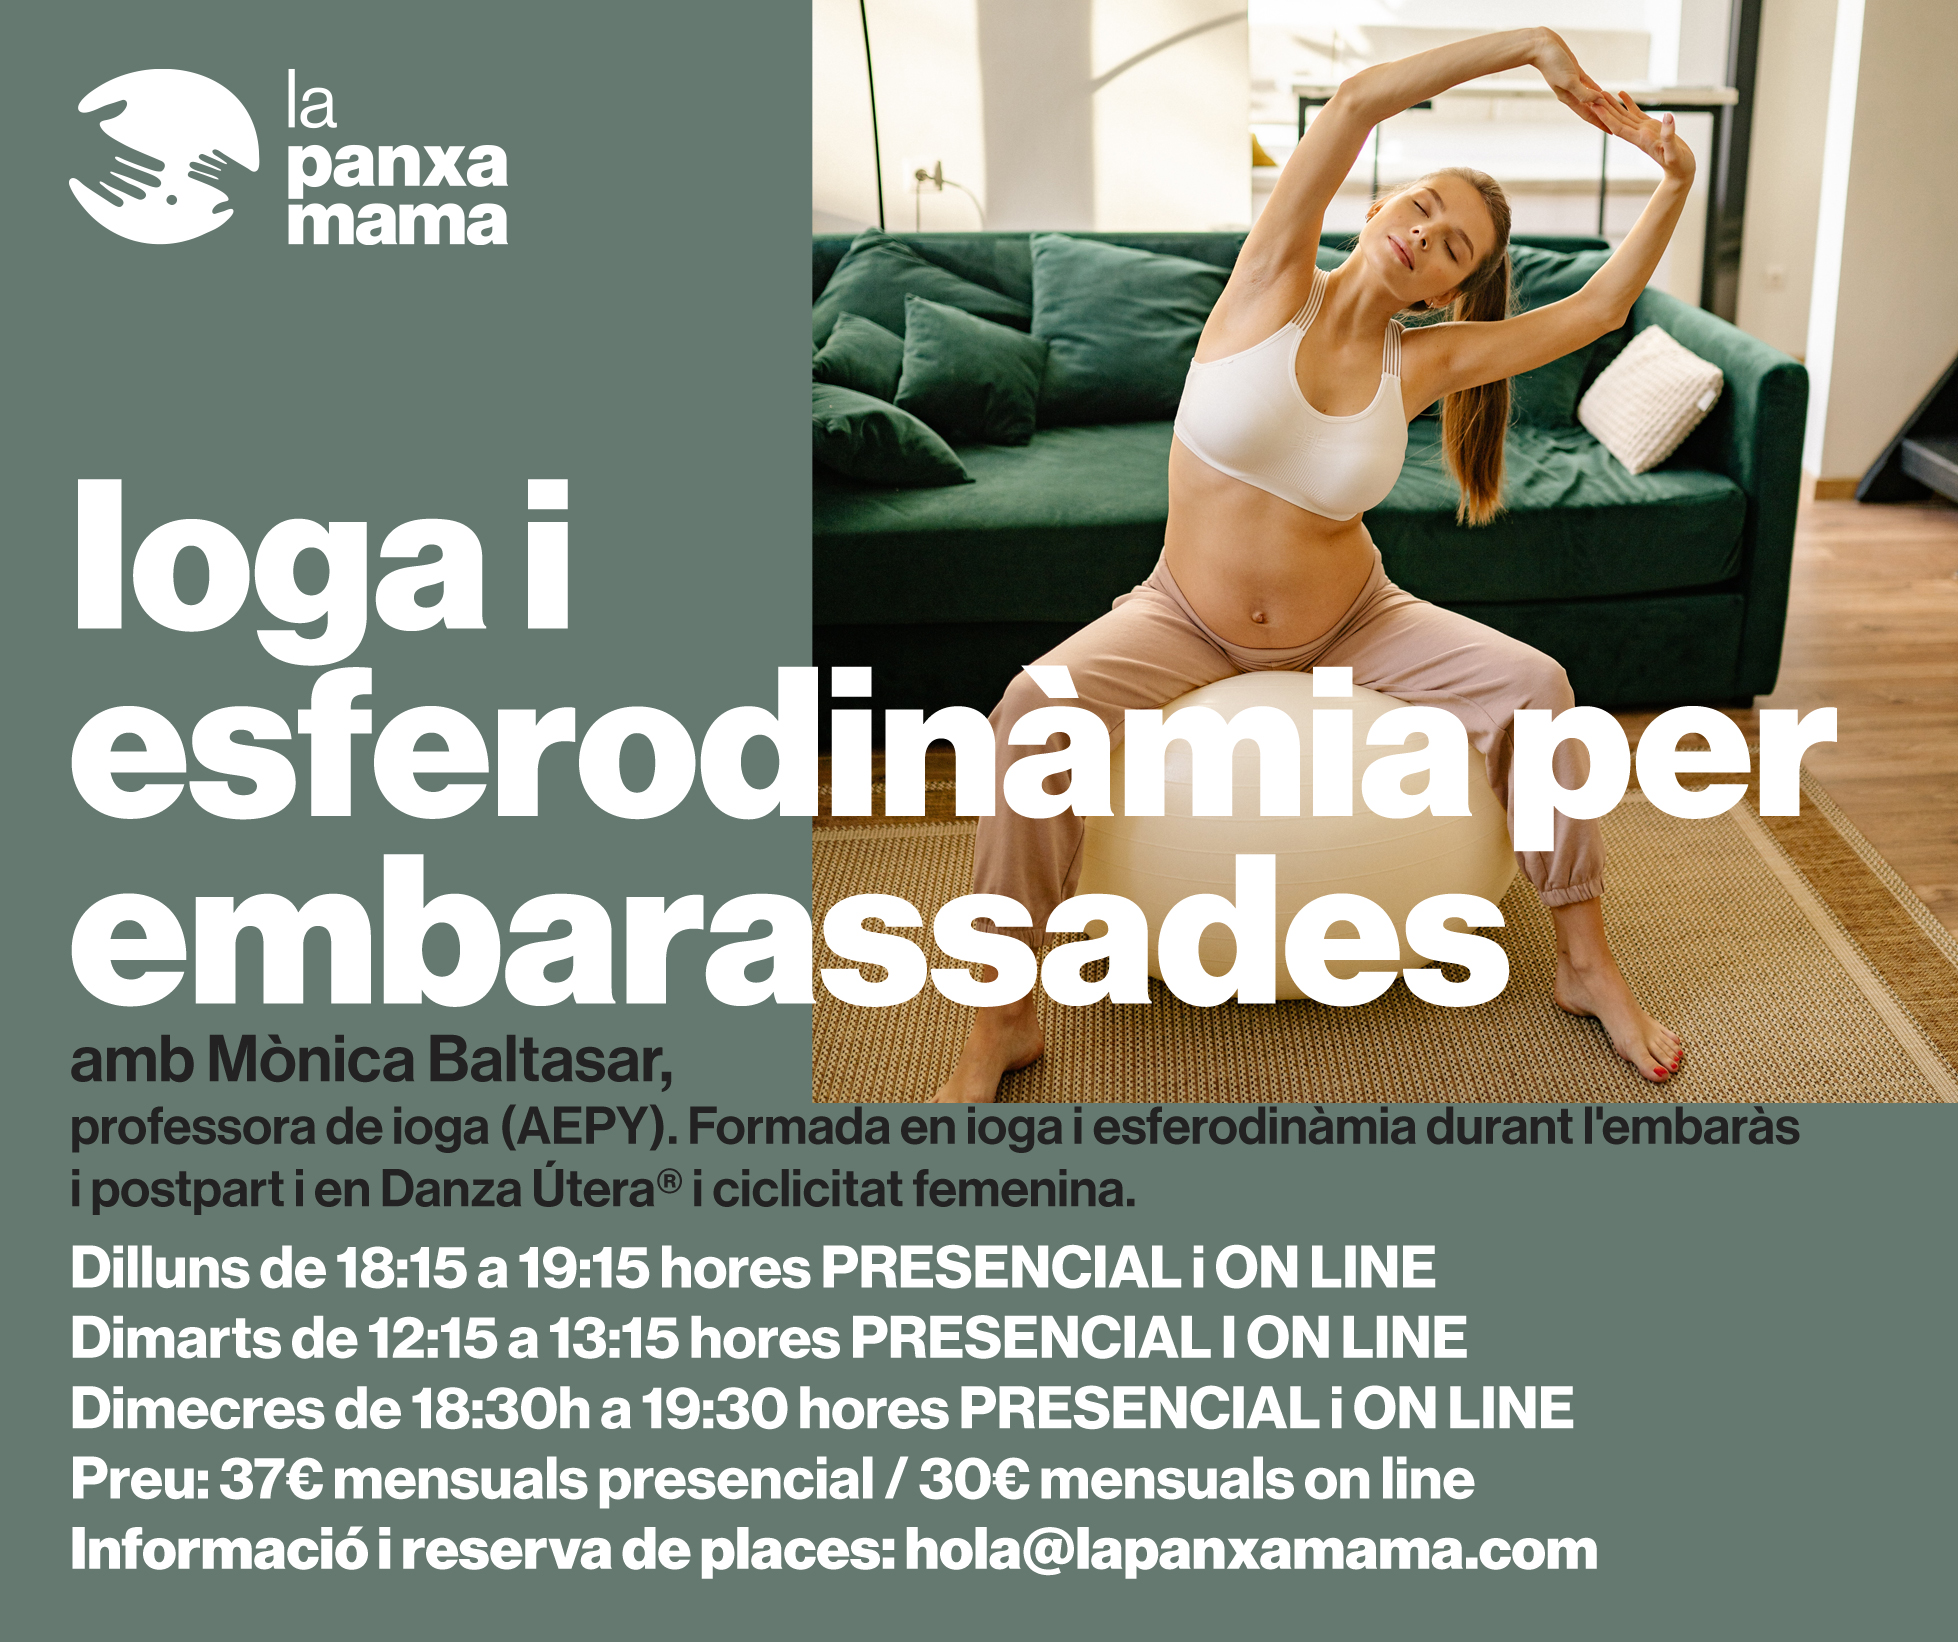 Yoga y esferodinamia